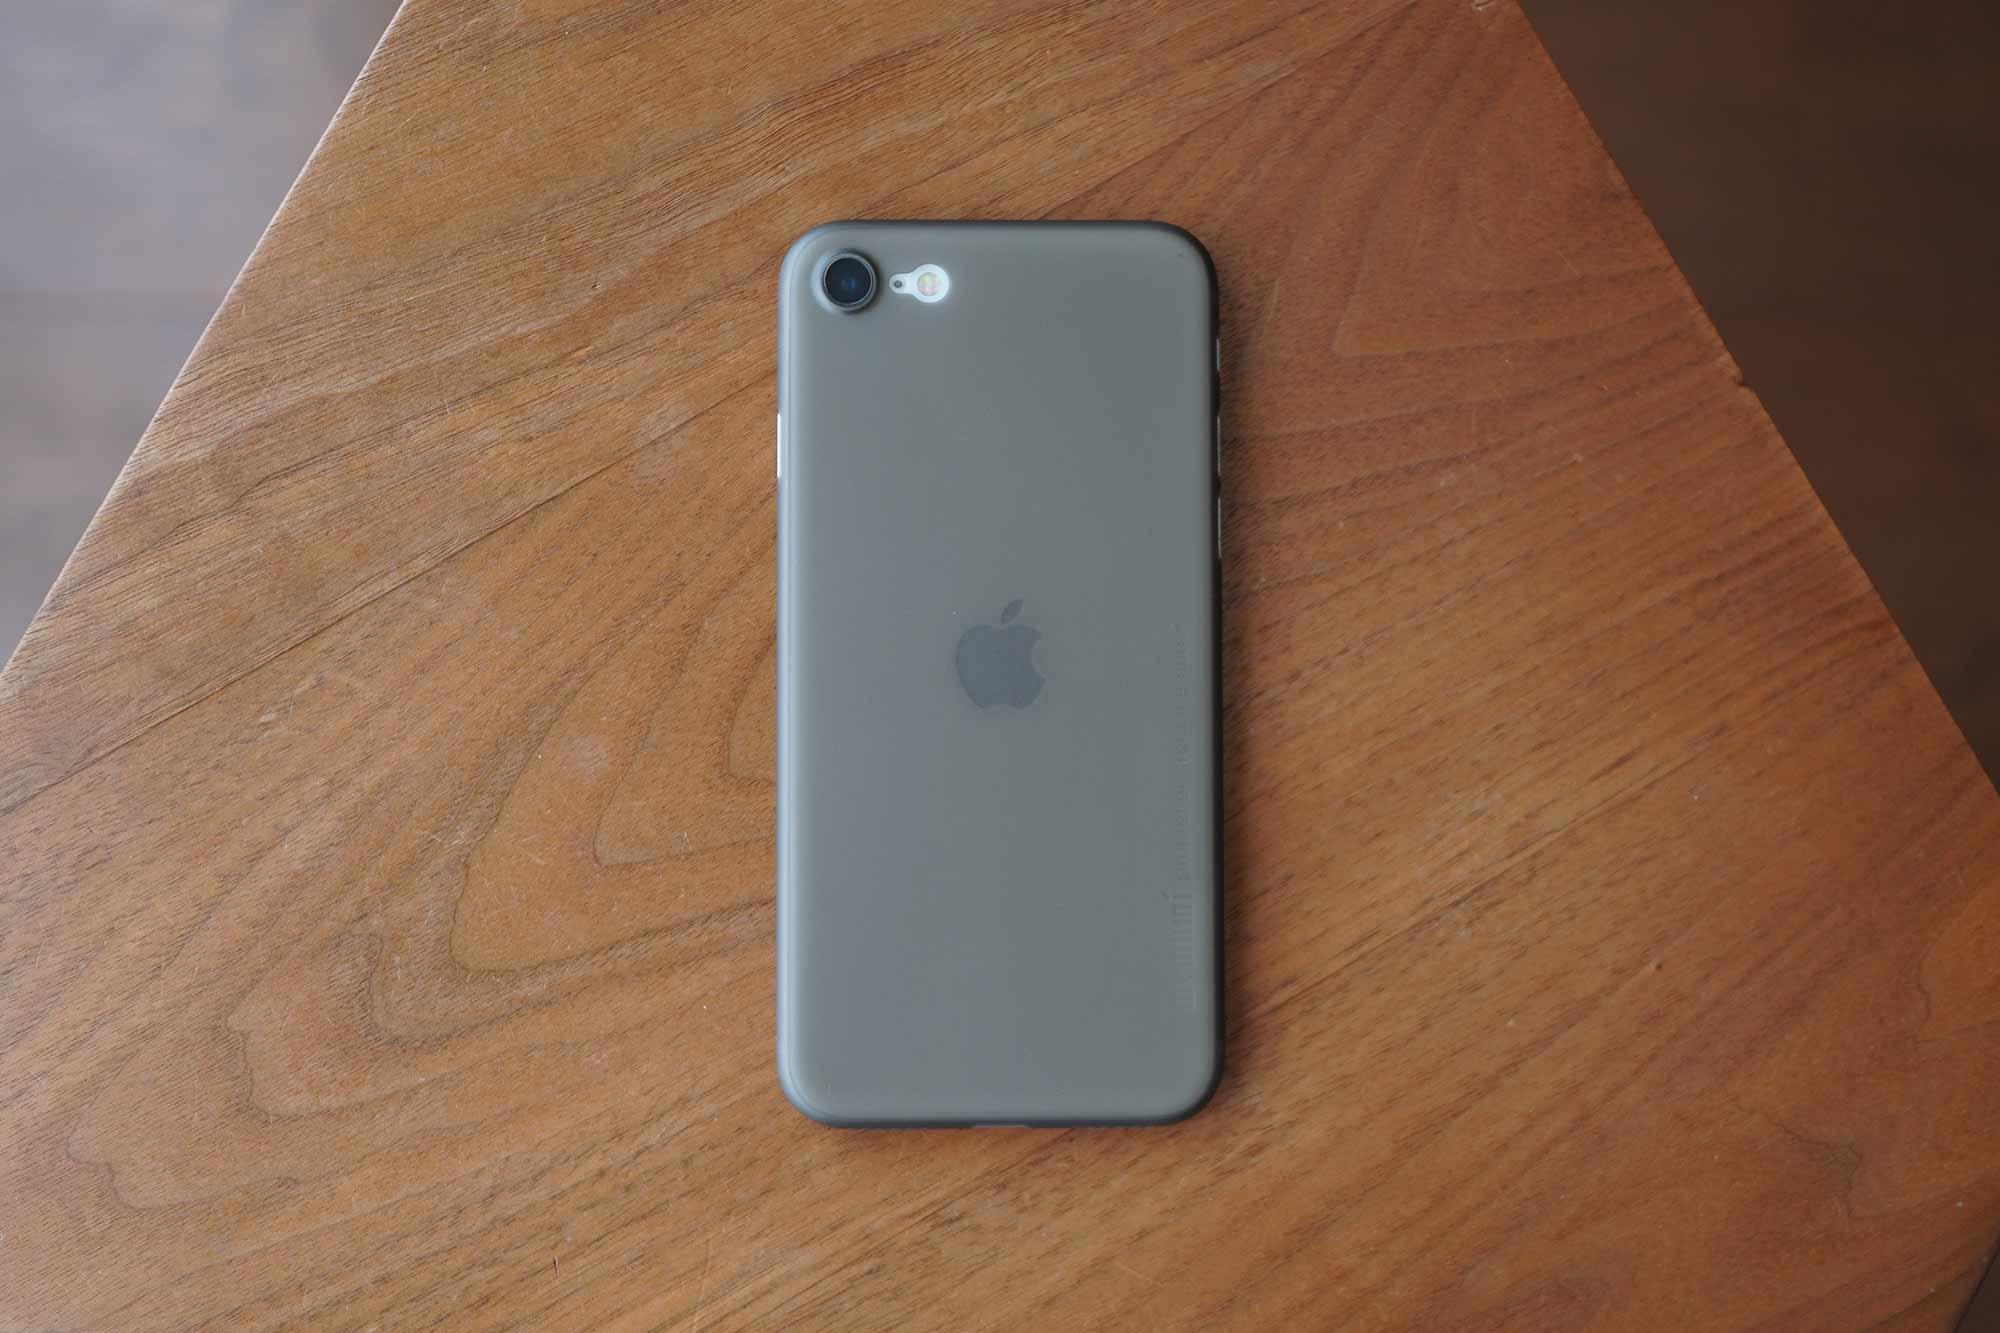 iPhone SE,iPhone 8,iPhone7,ケース,最薄型,最軽量,memumi,Appleマーク